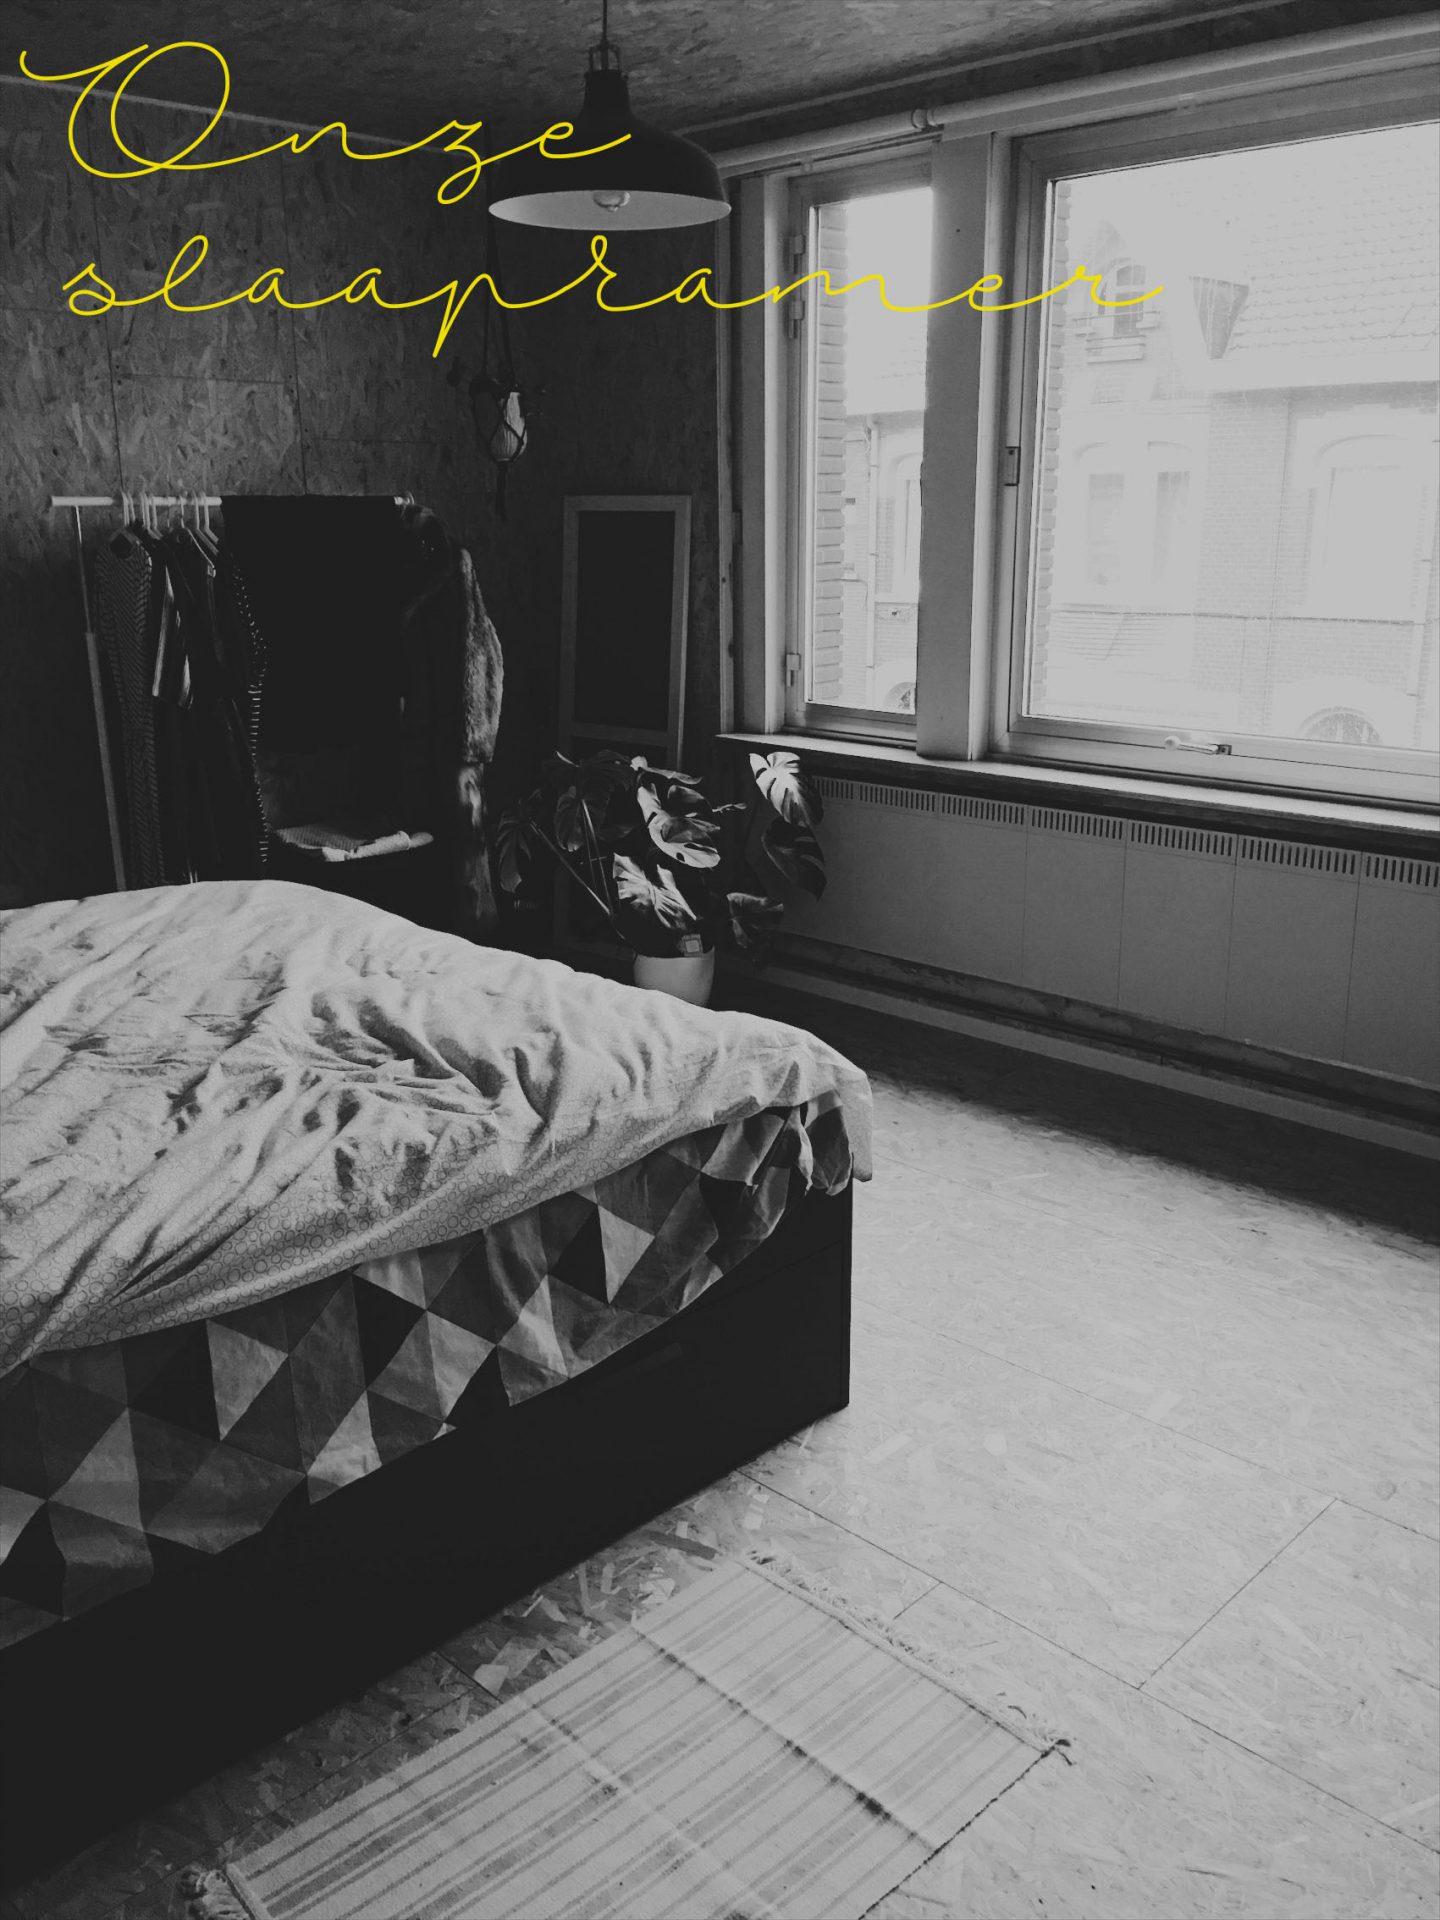 Kijkje in ons huis | De Slaapkamer.